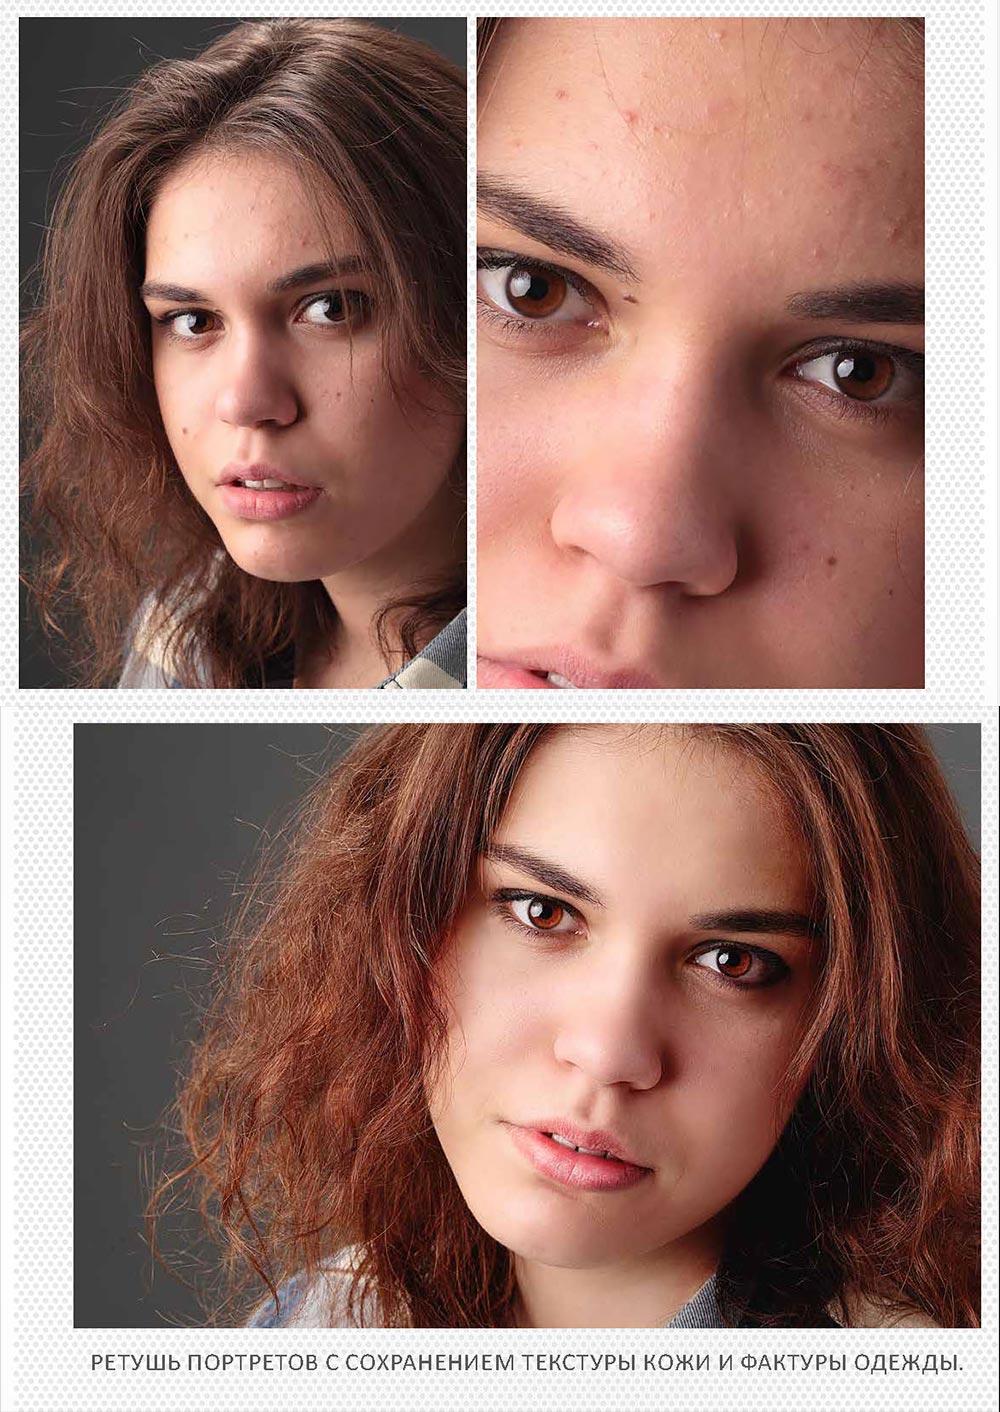 Как научиться делать ретушь на фото